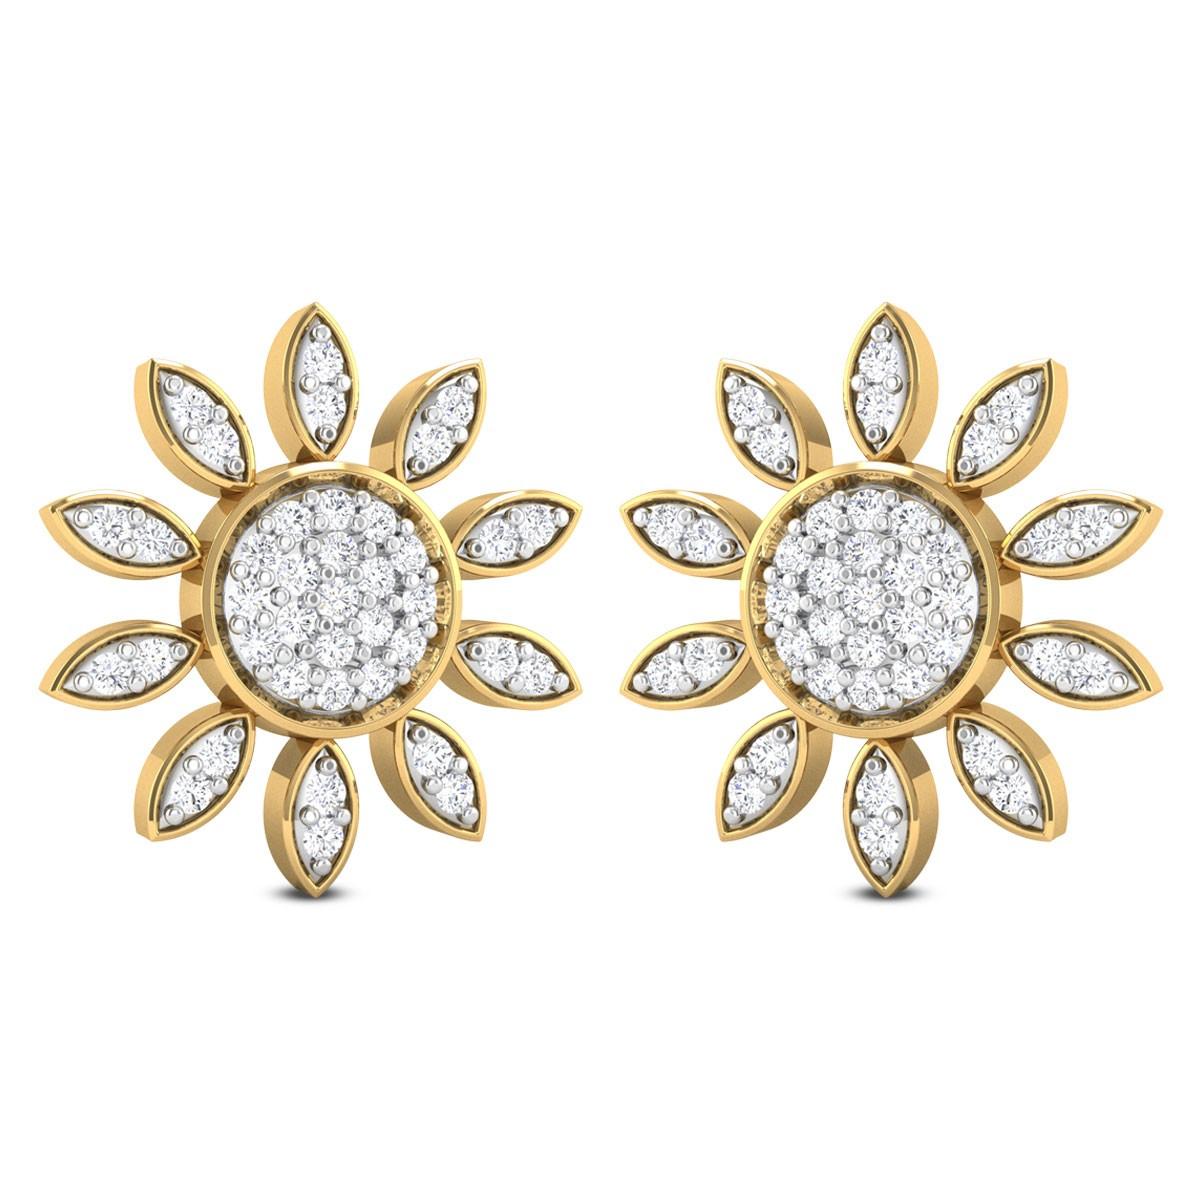 Ramsey Floral Diamond Stud Earrings